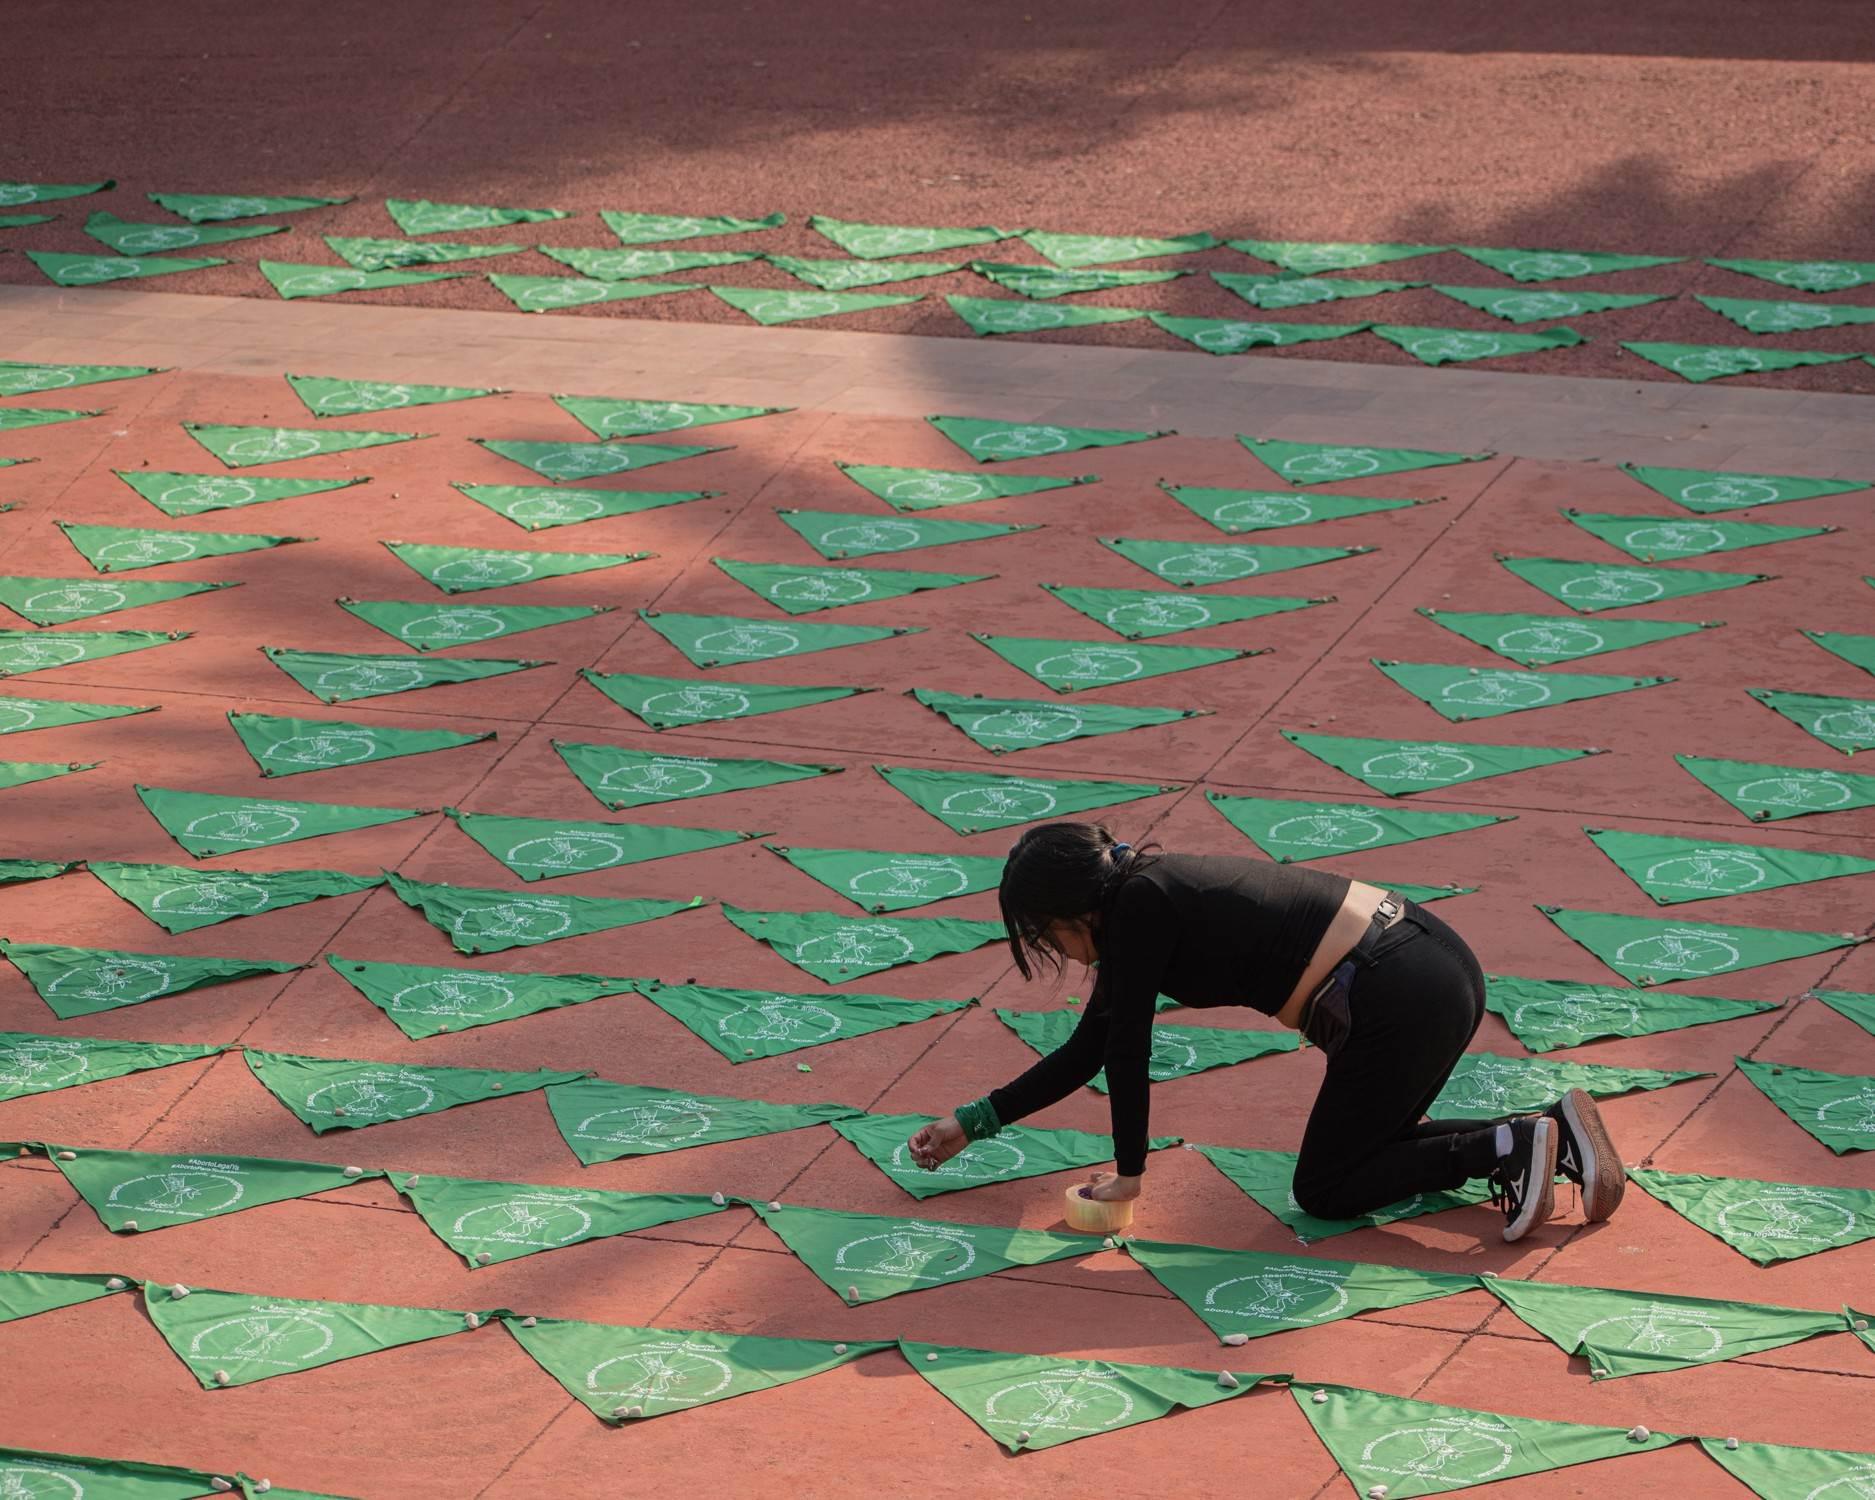 La despenalización del aborto en Puebla ha sido una de las principales demandas de los movimientos feministas en el estado. Fotografía: Daniel Chazari